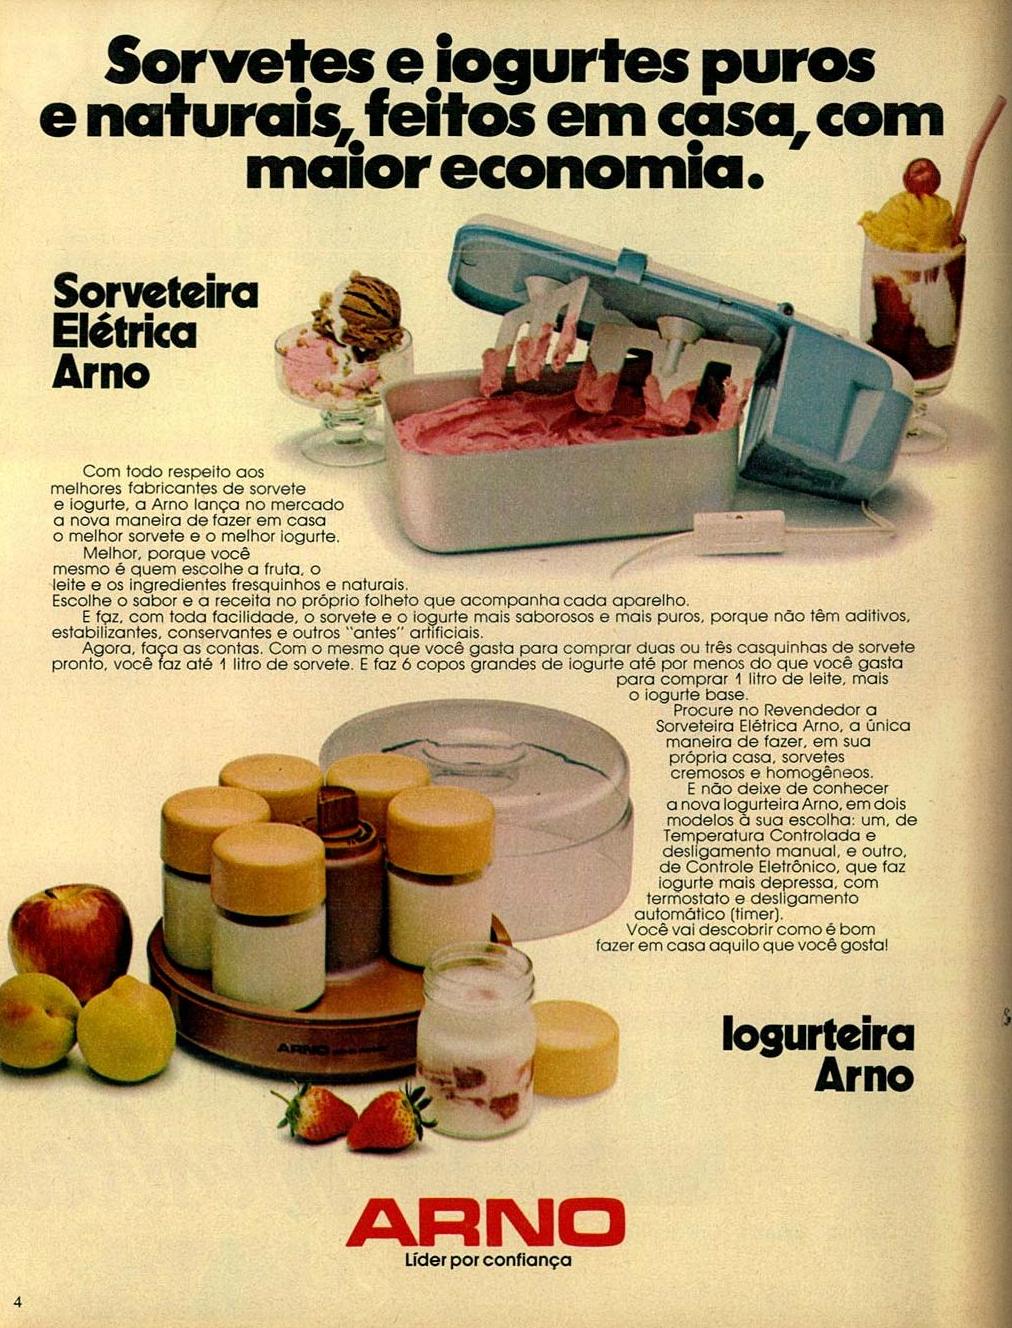 Propaganda antiga da Arno apresentando a iogurteira e sorveteira elétrica em 1984